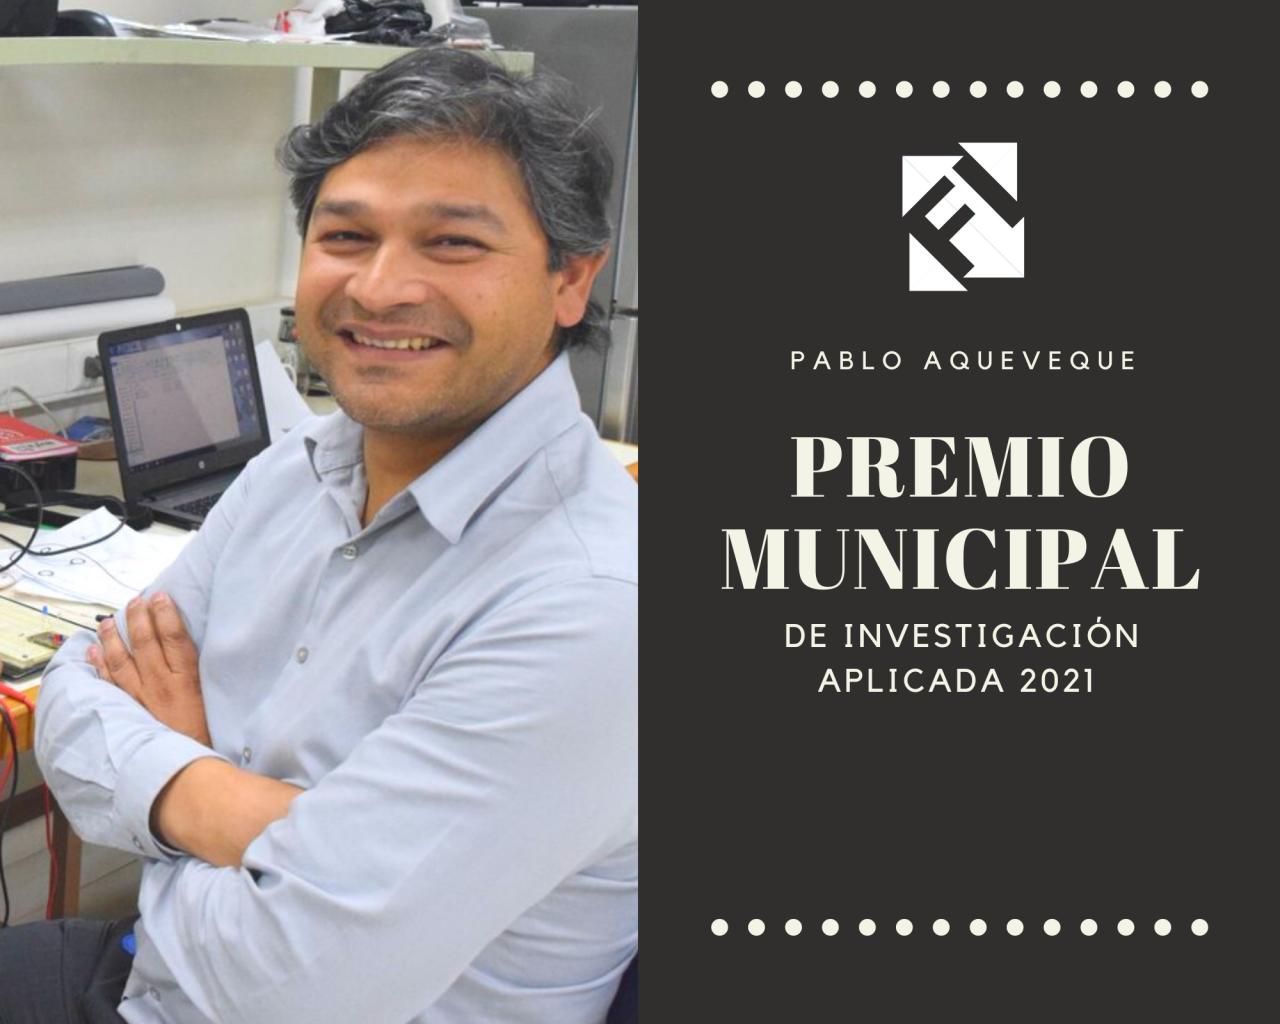 Académico Pablo Aqueveque obtiene reconocimiento municipal por el impacto de sus investigaciones